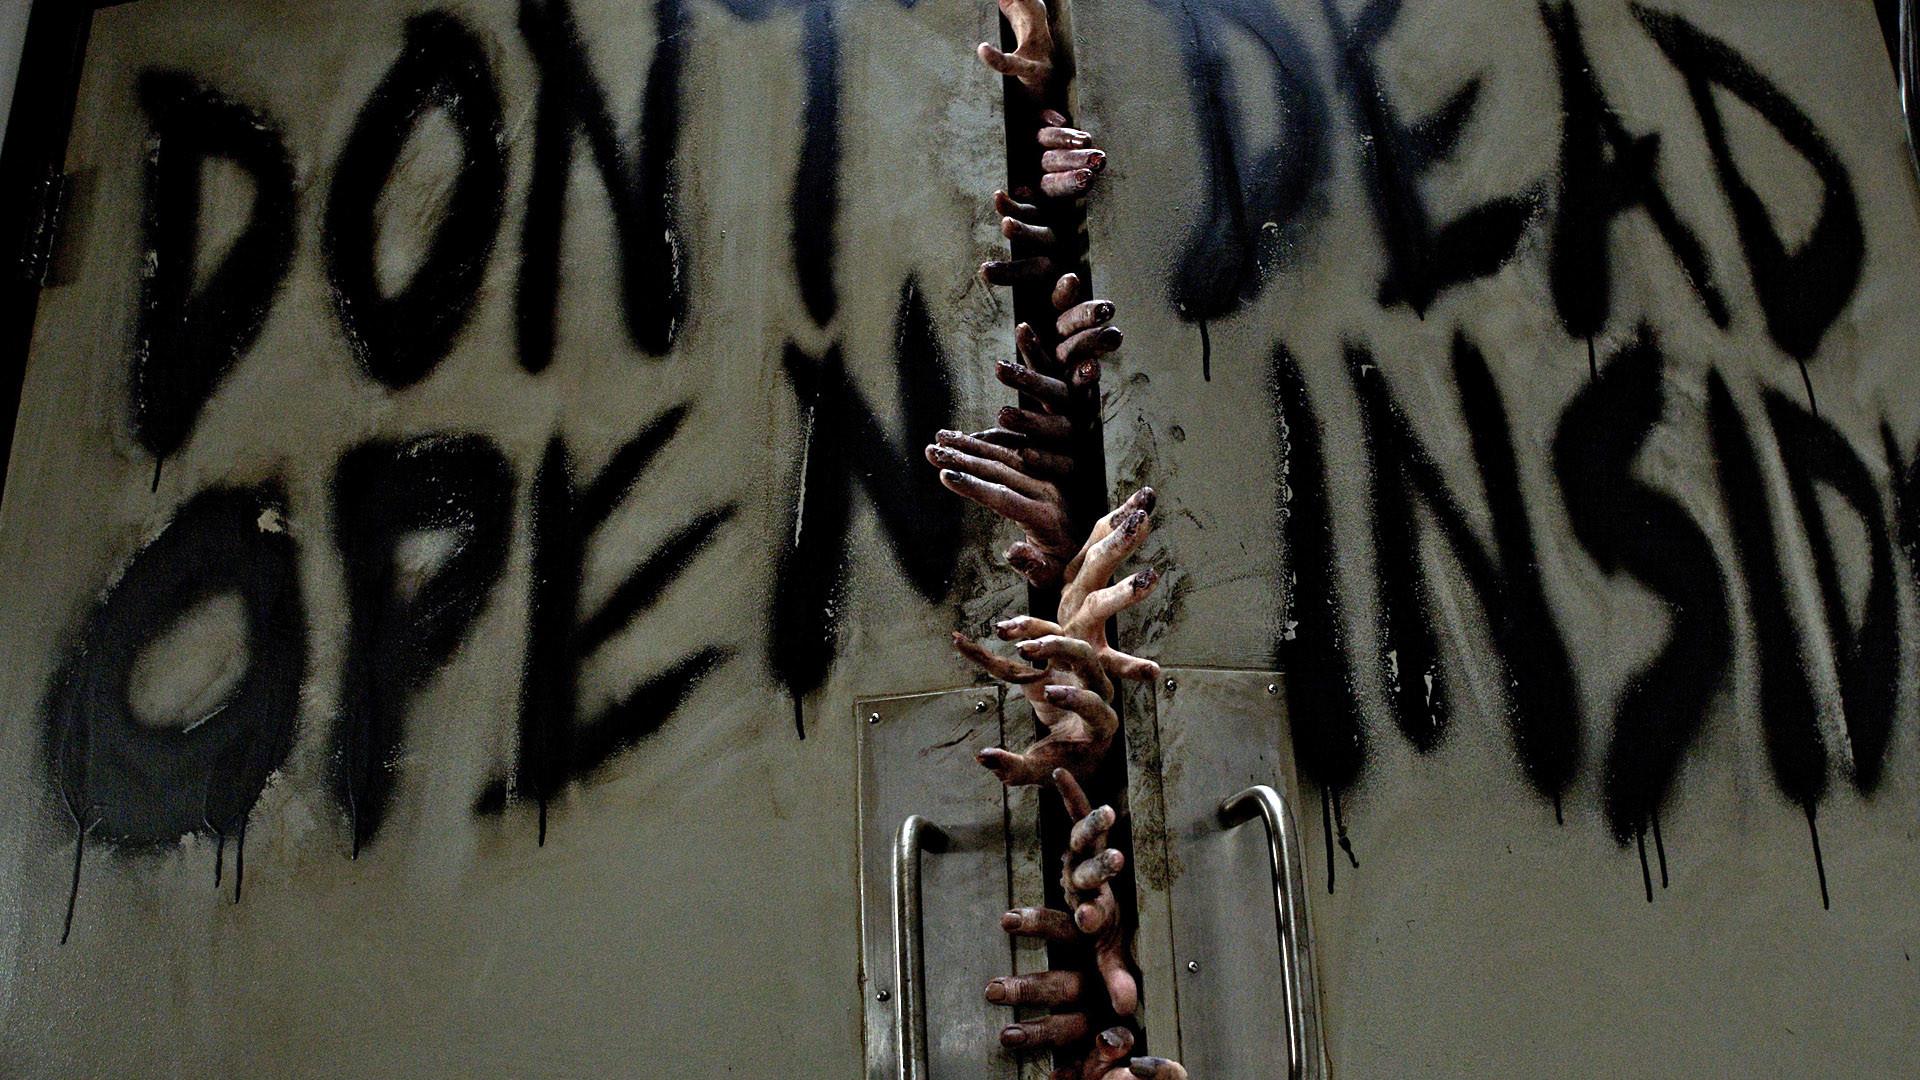 GOSTA DE ZUMBIS E THE WALKING DEAD? QUE TAL ESCUTAR UM PODCAST F#DÁSTICO  SOBRE O TEMA? CLIQUE!